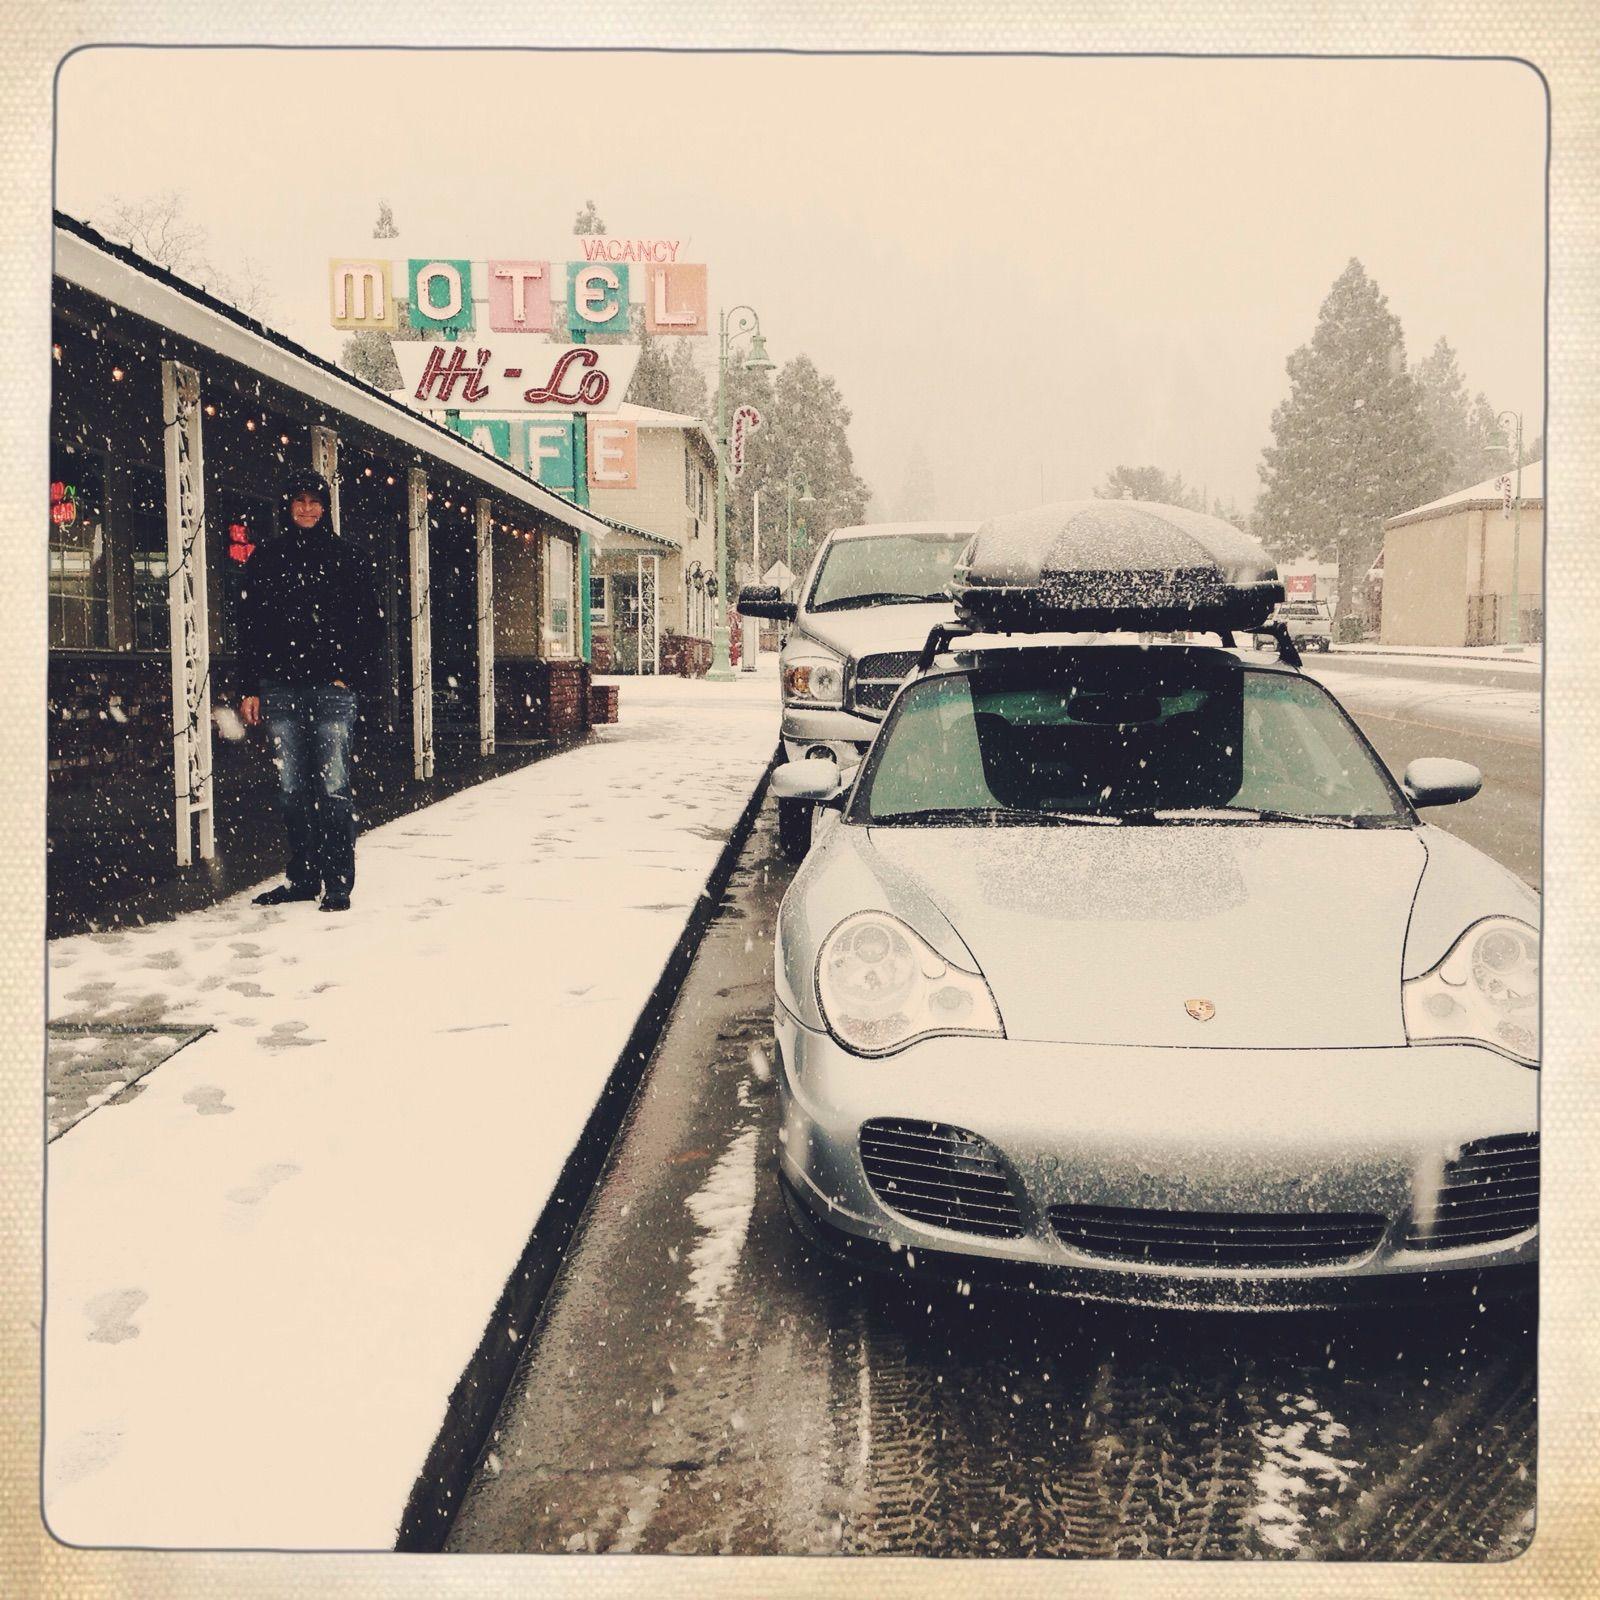 Porsche en hiver - Page 5 80-image_21c9c705d53176f21cff1404dbf1d40767857c14